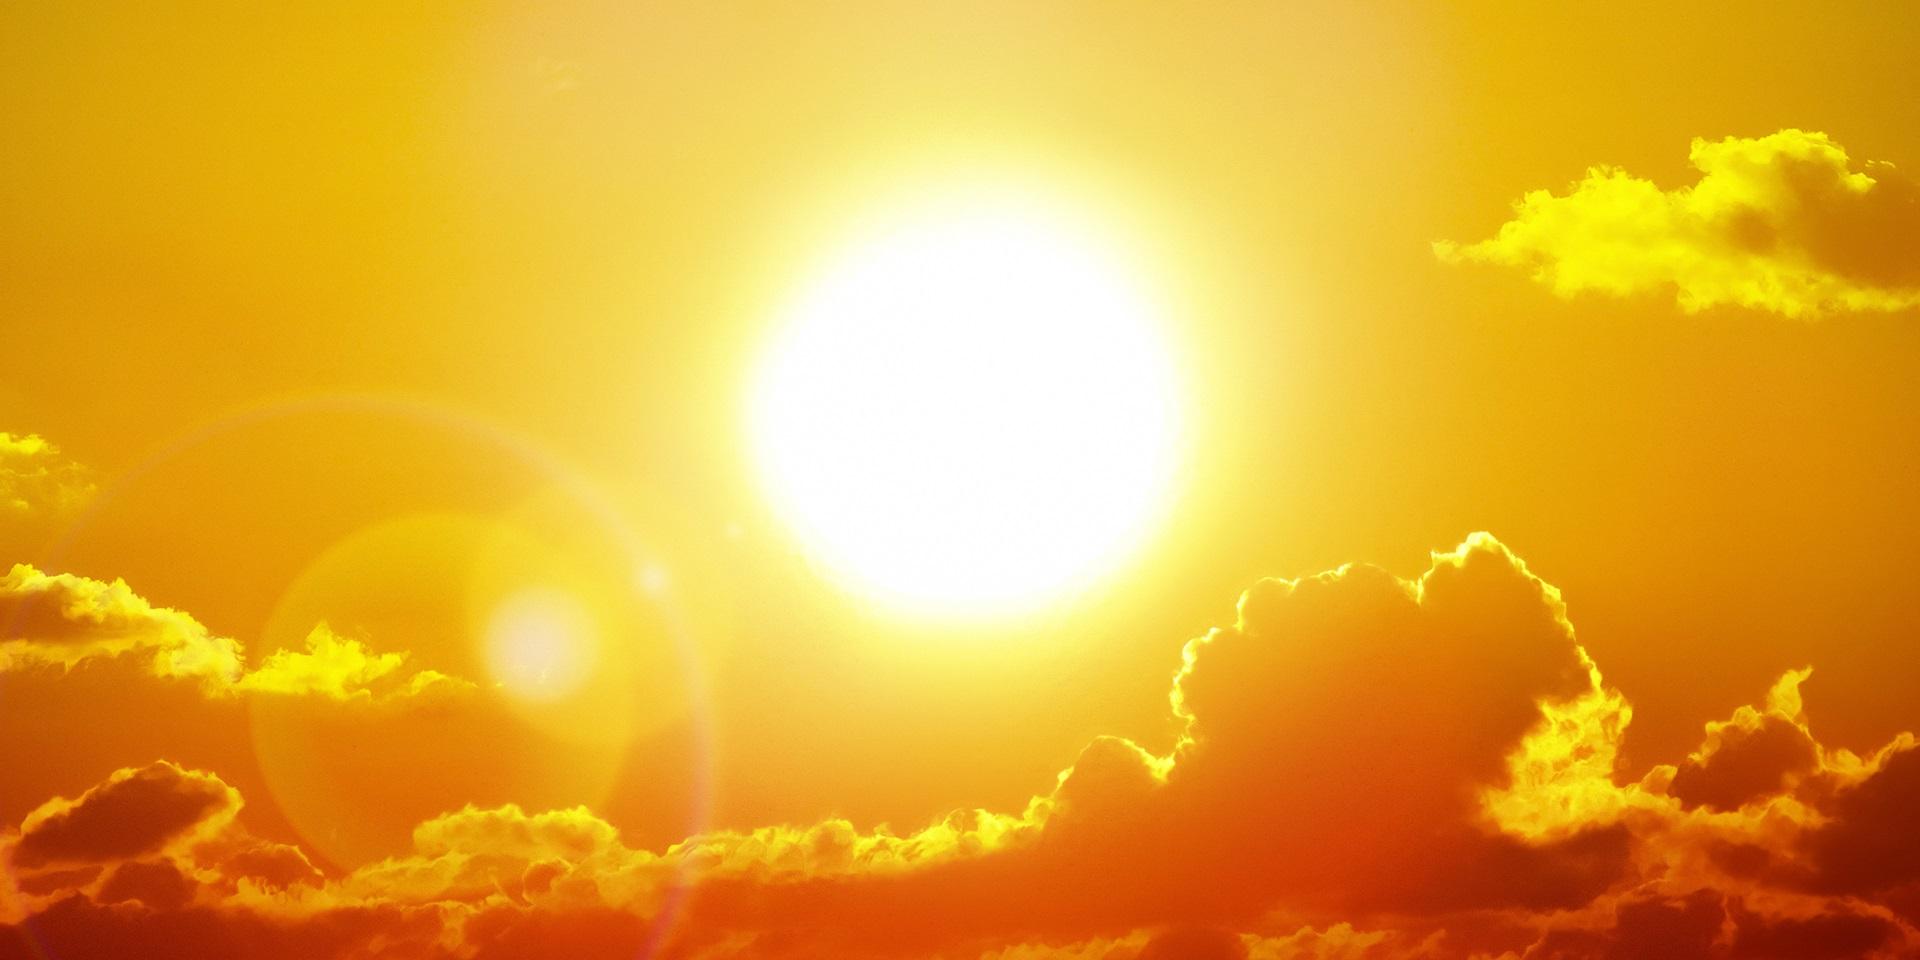 Погода в Казахстане: на юге и западе страны ожидается жара